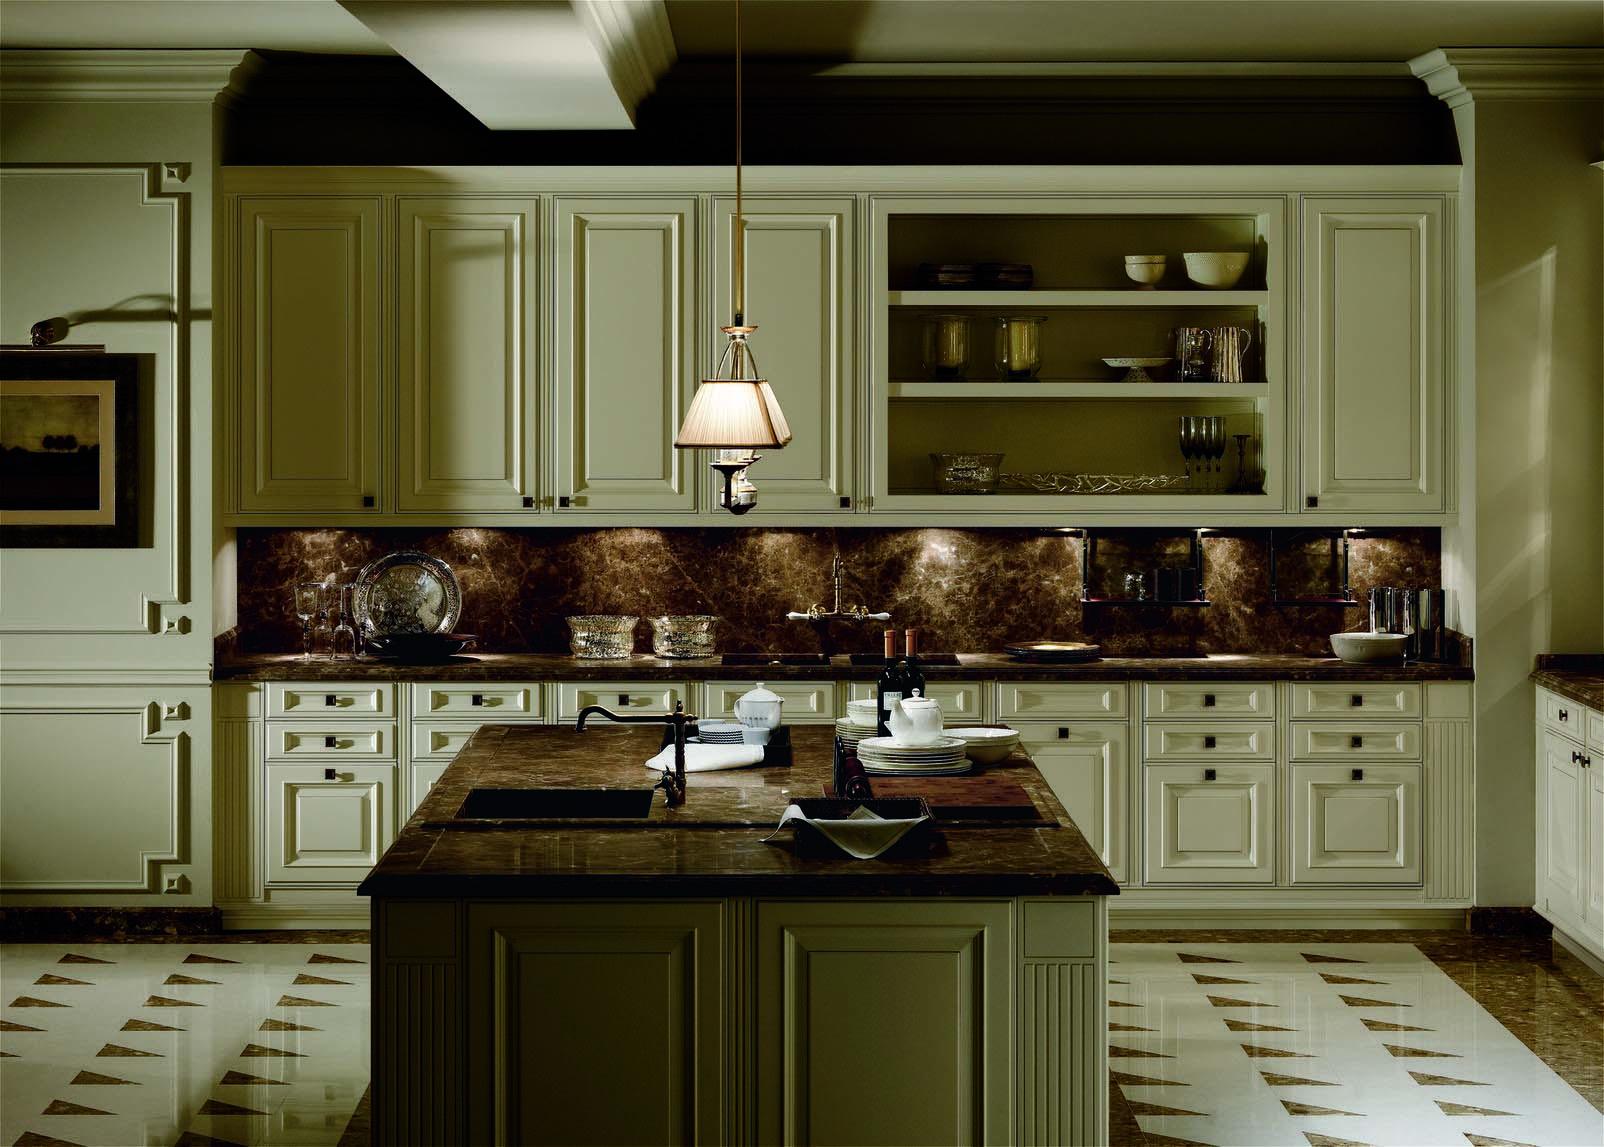 Muebles de cocina modernos y cl sicos gunni trentino - Muebles modernos clasicos ...